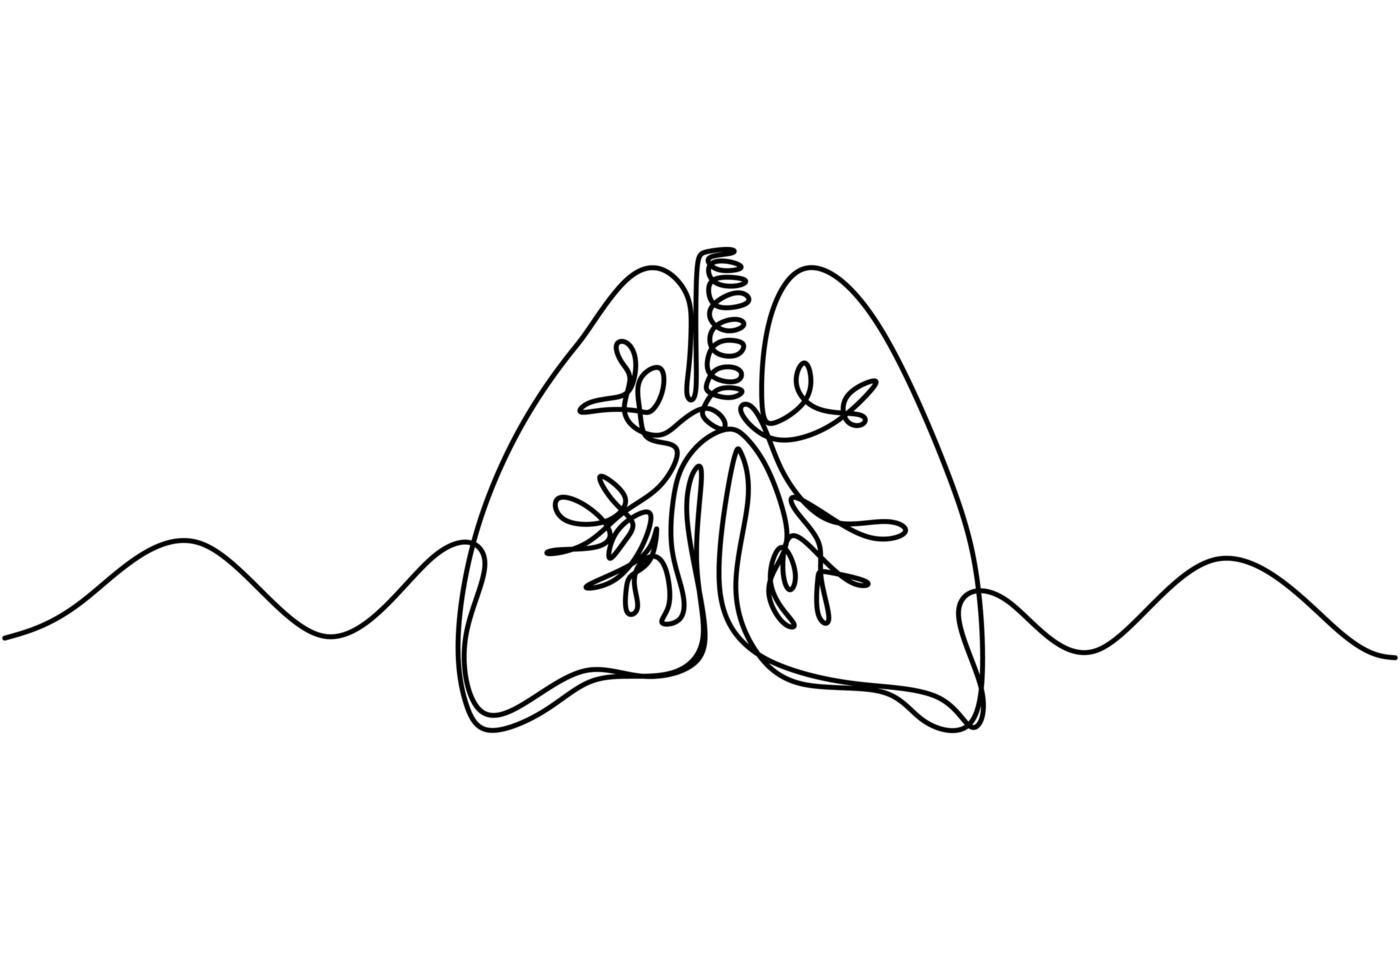 enda kontinuerlig linjekonst av lungorna. lungor mänskliga organ en linje illustration. vektor